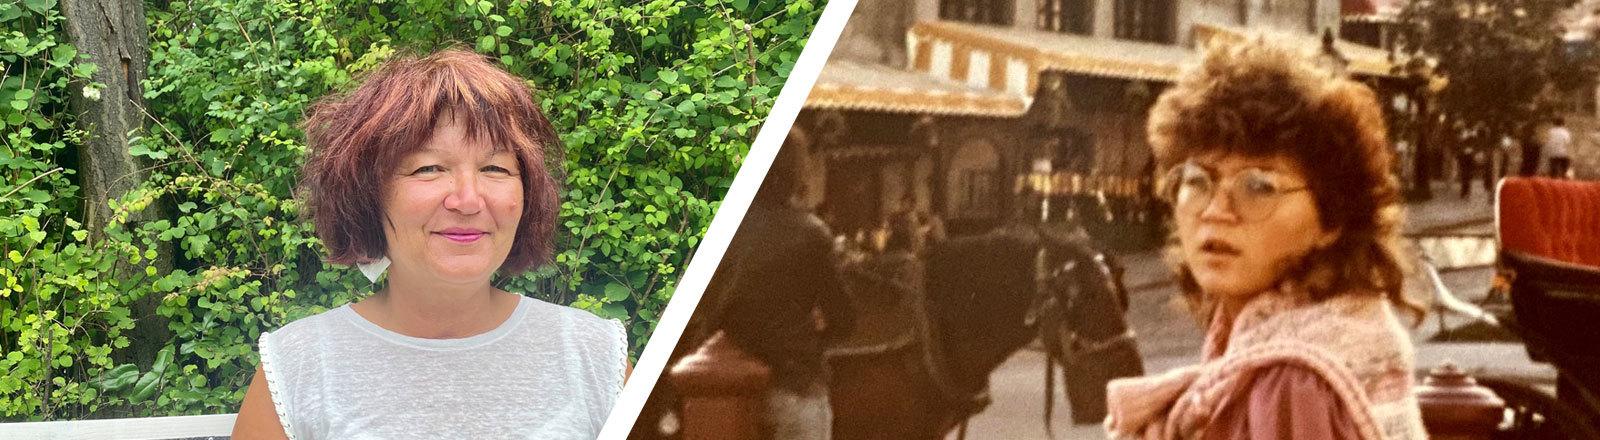 Collage aus zwei Fotos. Eine ältere Frau auf einer Bank und dieselbe Frau in jungen Jahren auf einer Party neben einem Mann.